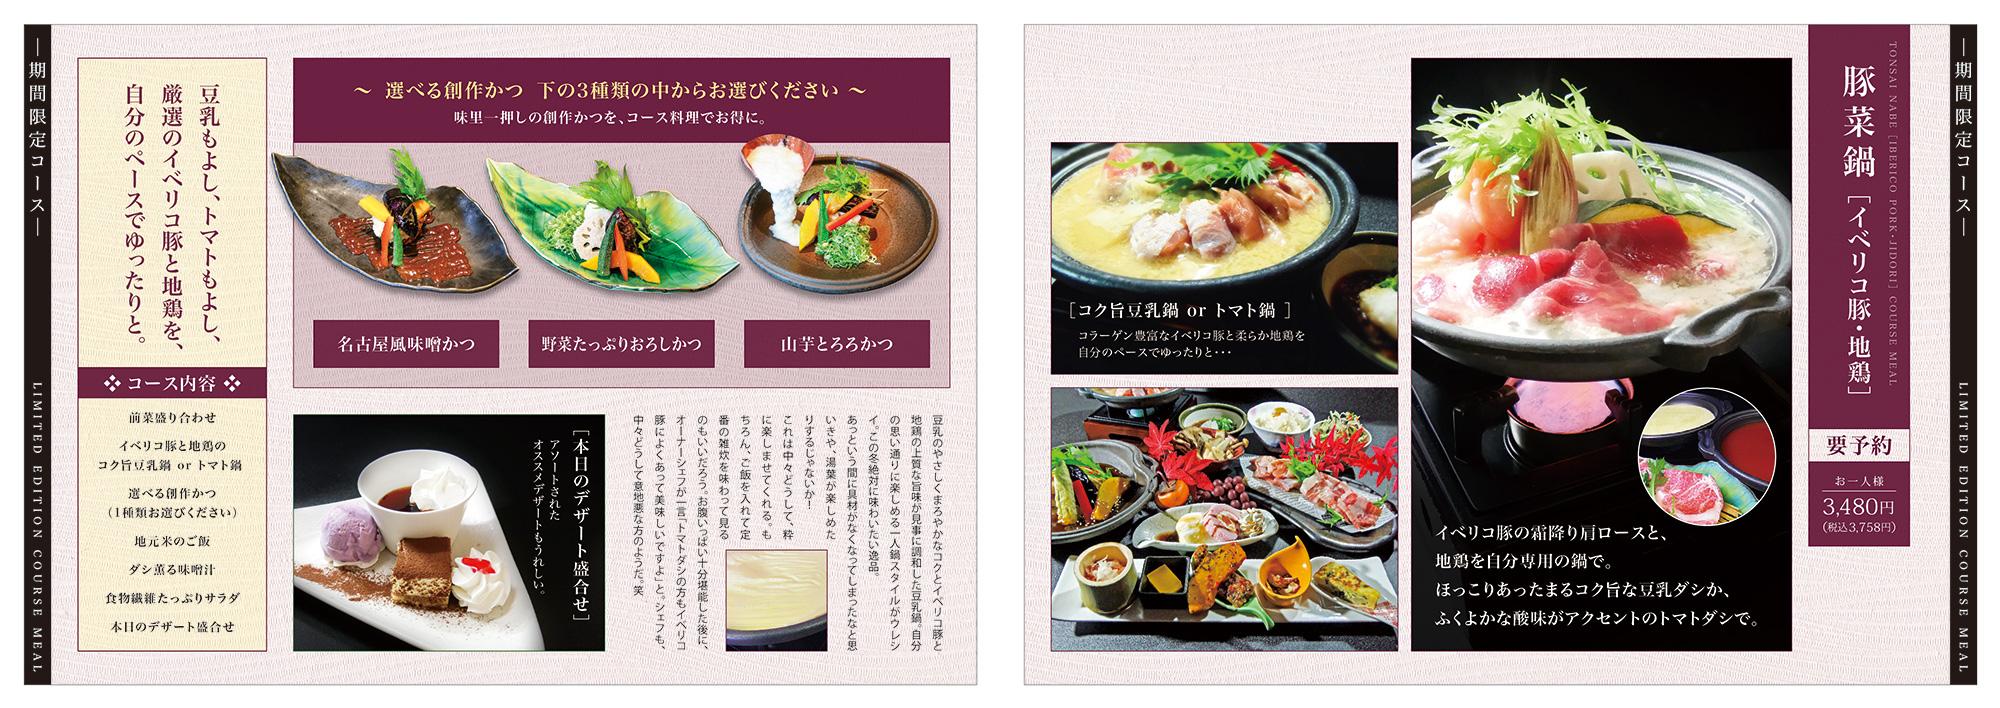 とんかつ味里 メニューデザイン02